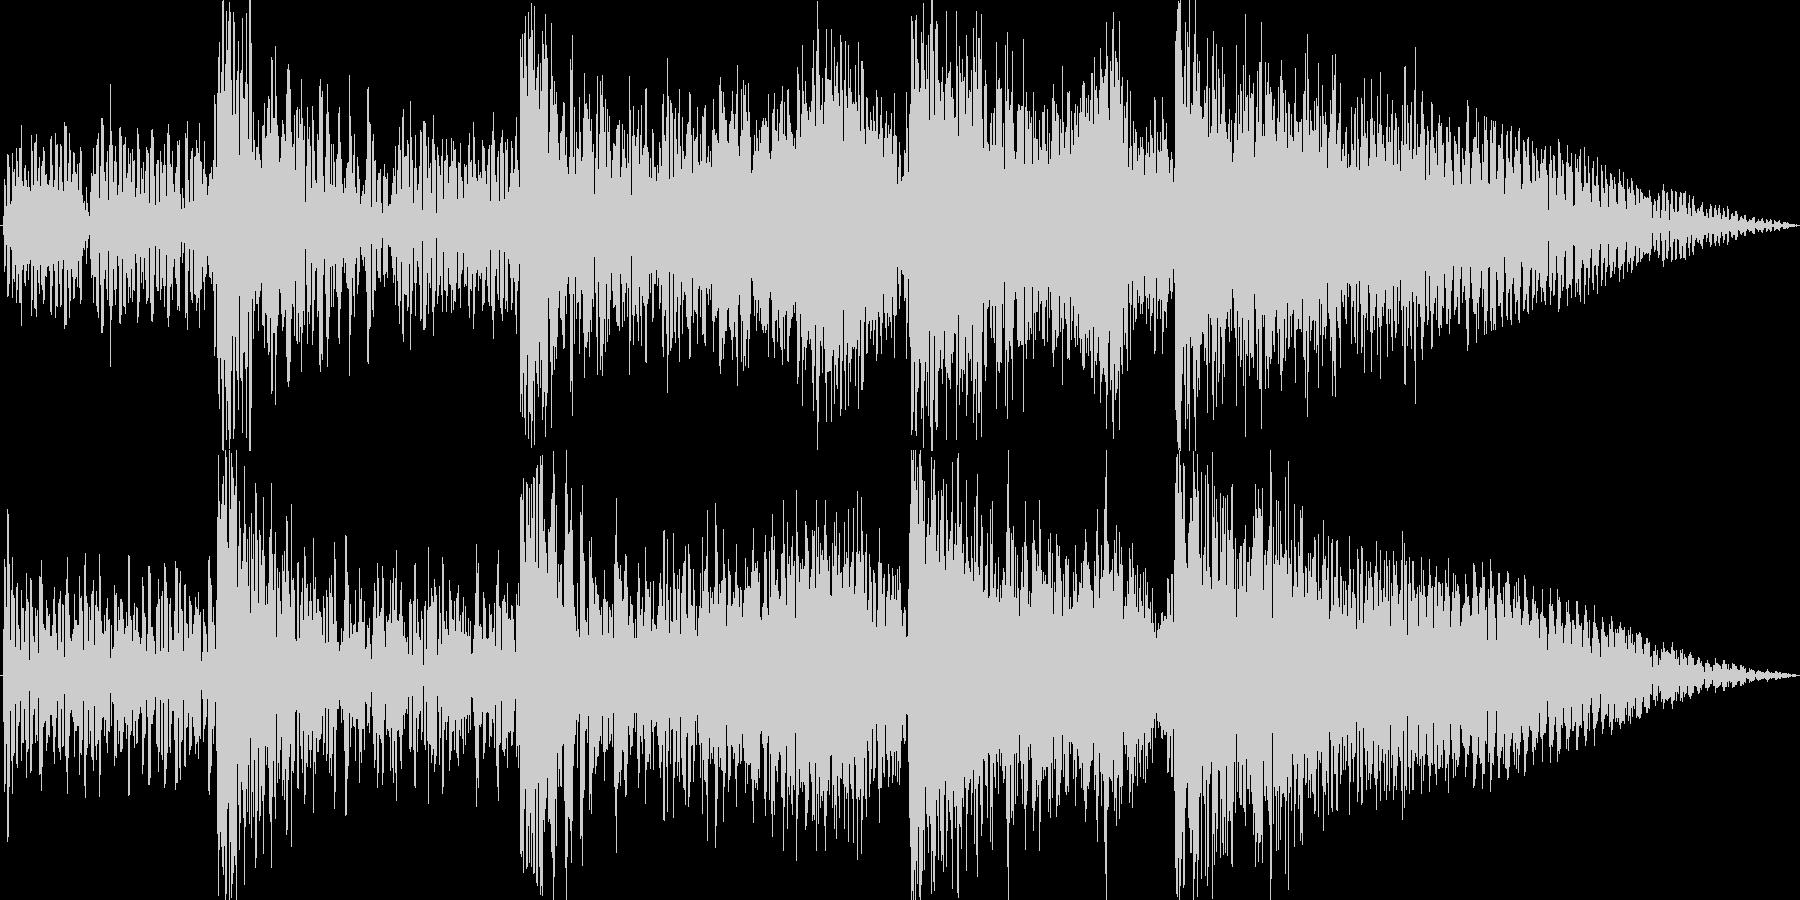 サイファイのダークでSF的な衝撃音3の未再生の波形